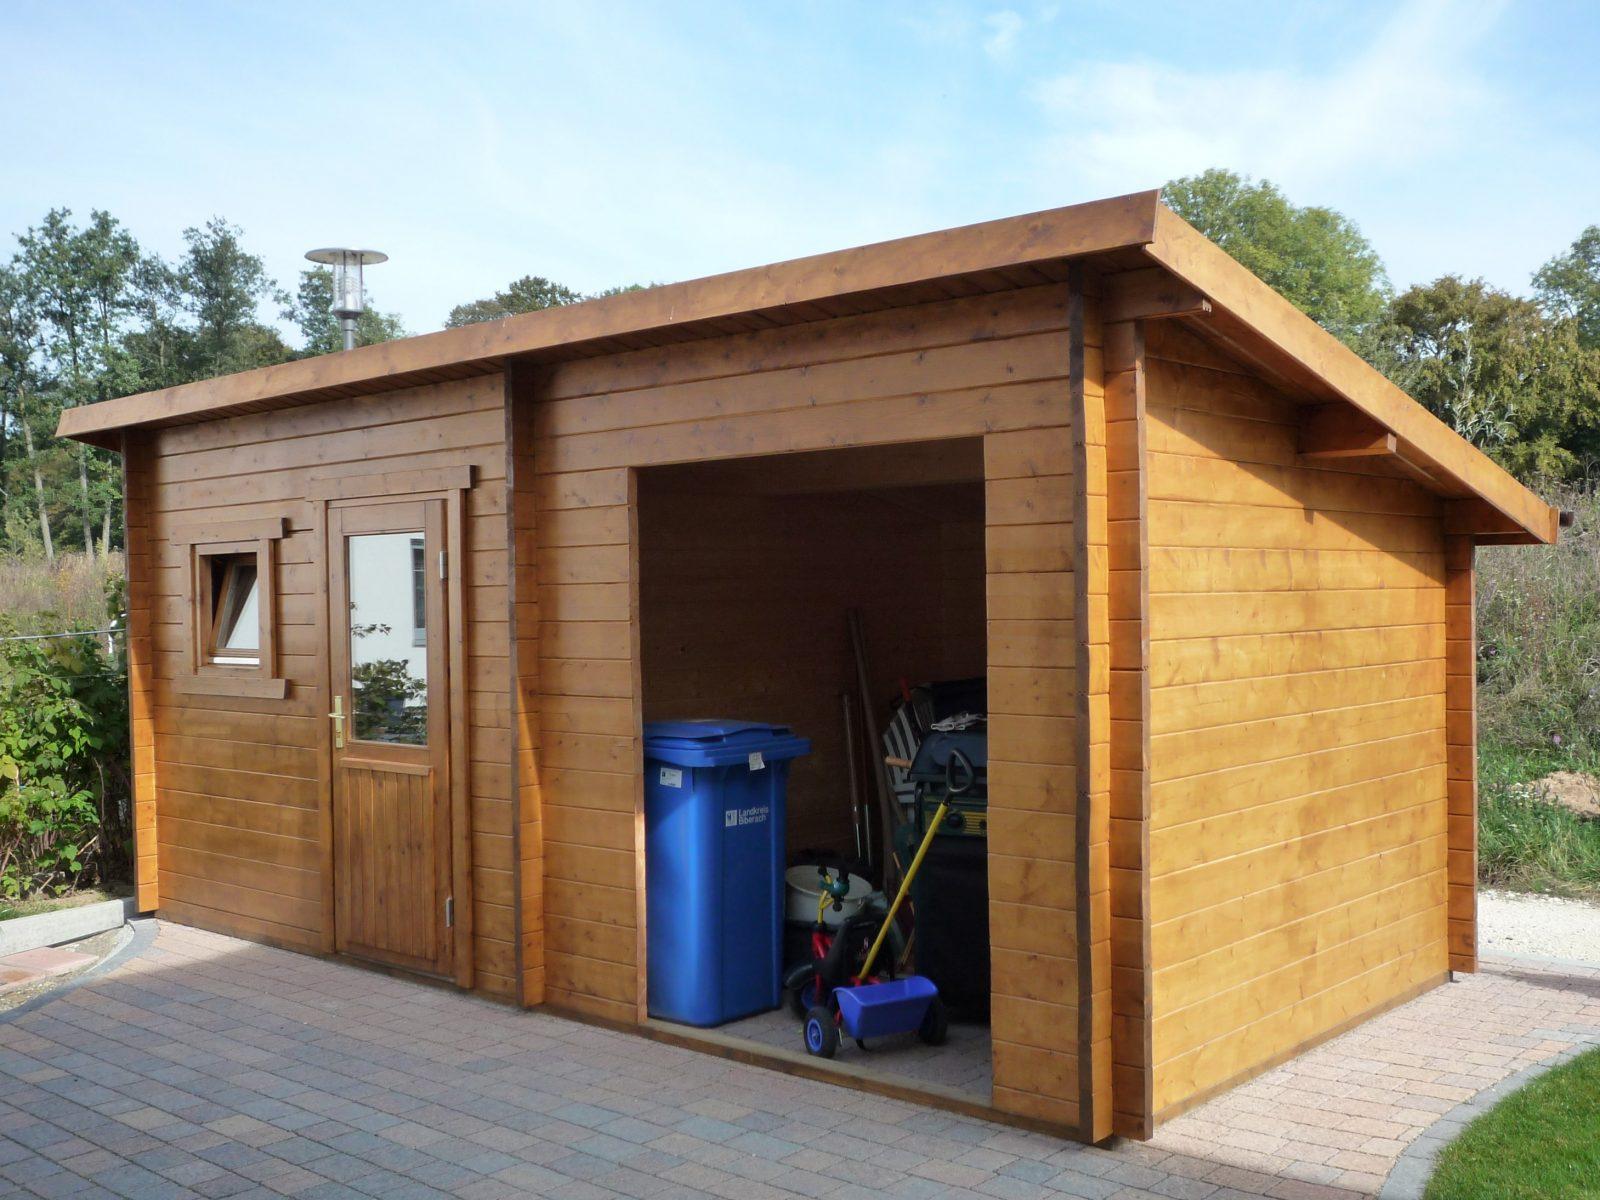 Geräteschuppen Mit Pultdach Und Offenem Teil 1  Gsp Blockhaus von Pultdach Garage Selber Bauen Bild